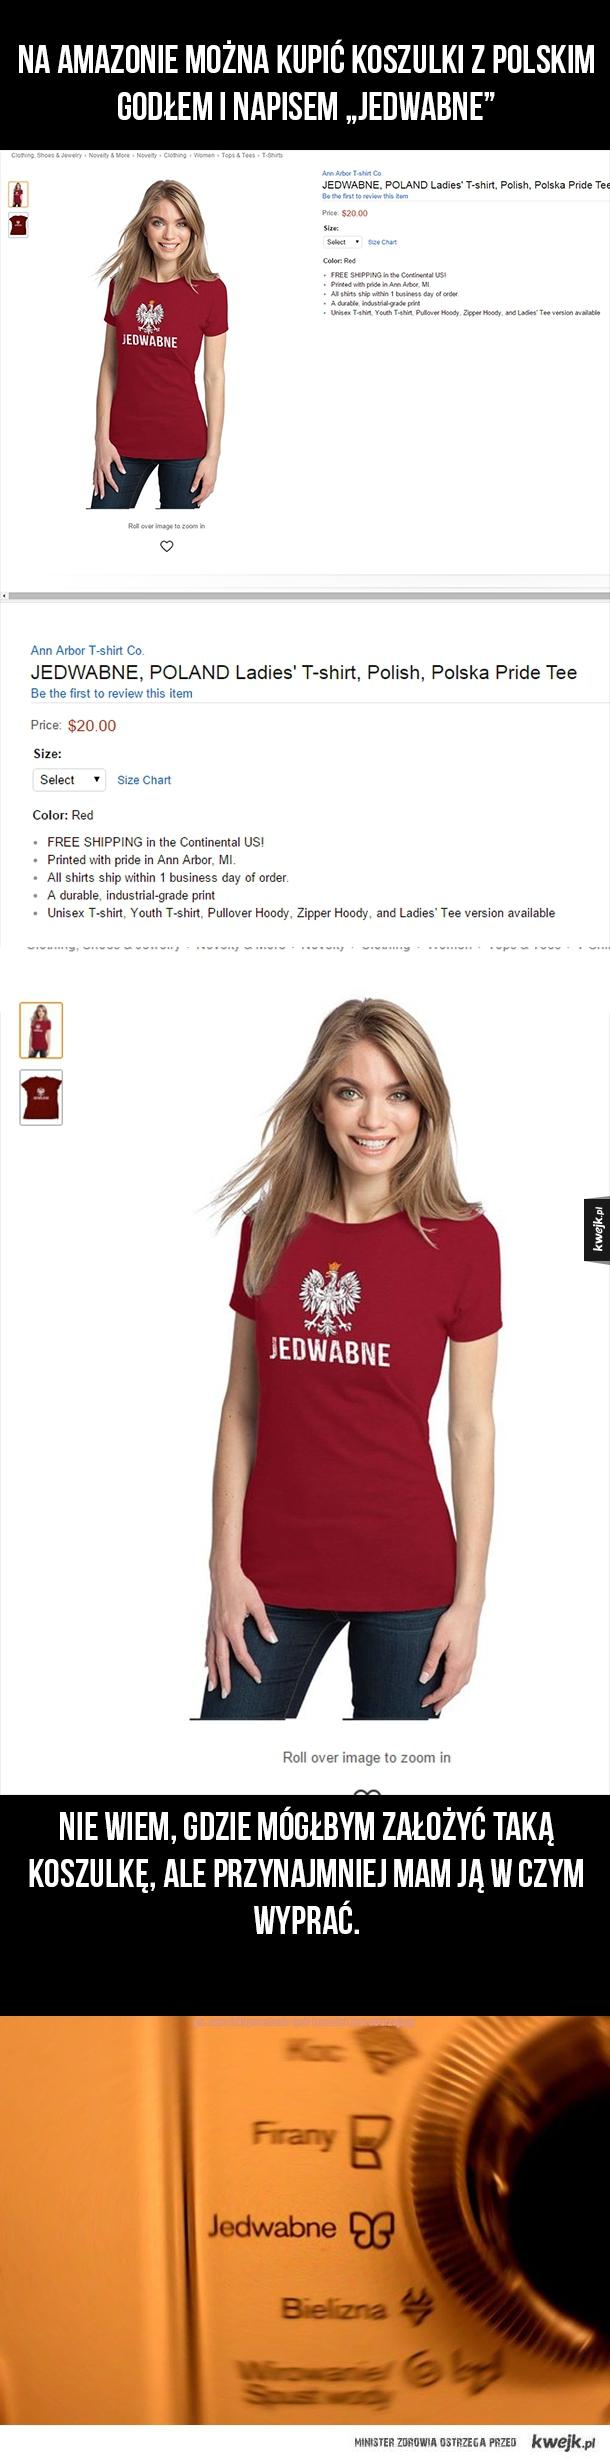 """Koszulki z napisem """"Jedwabne"""" na Amazonie"""